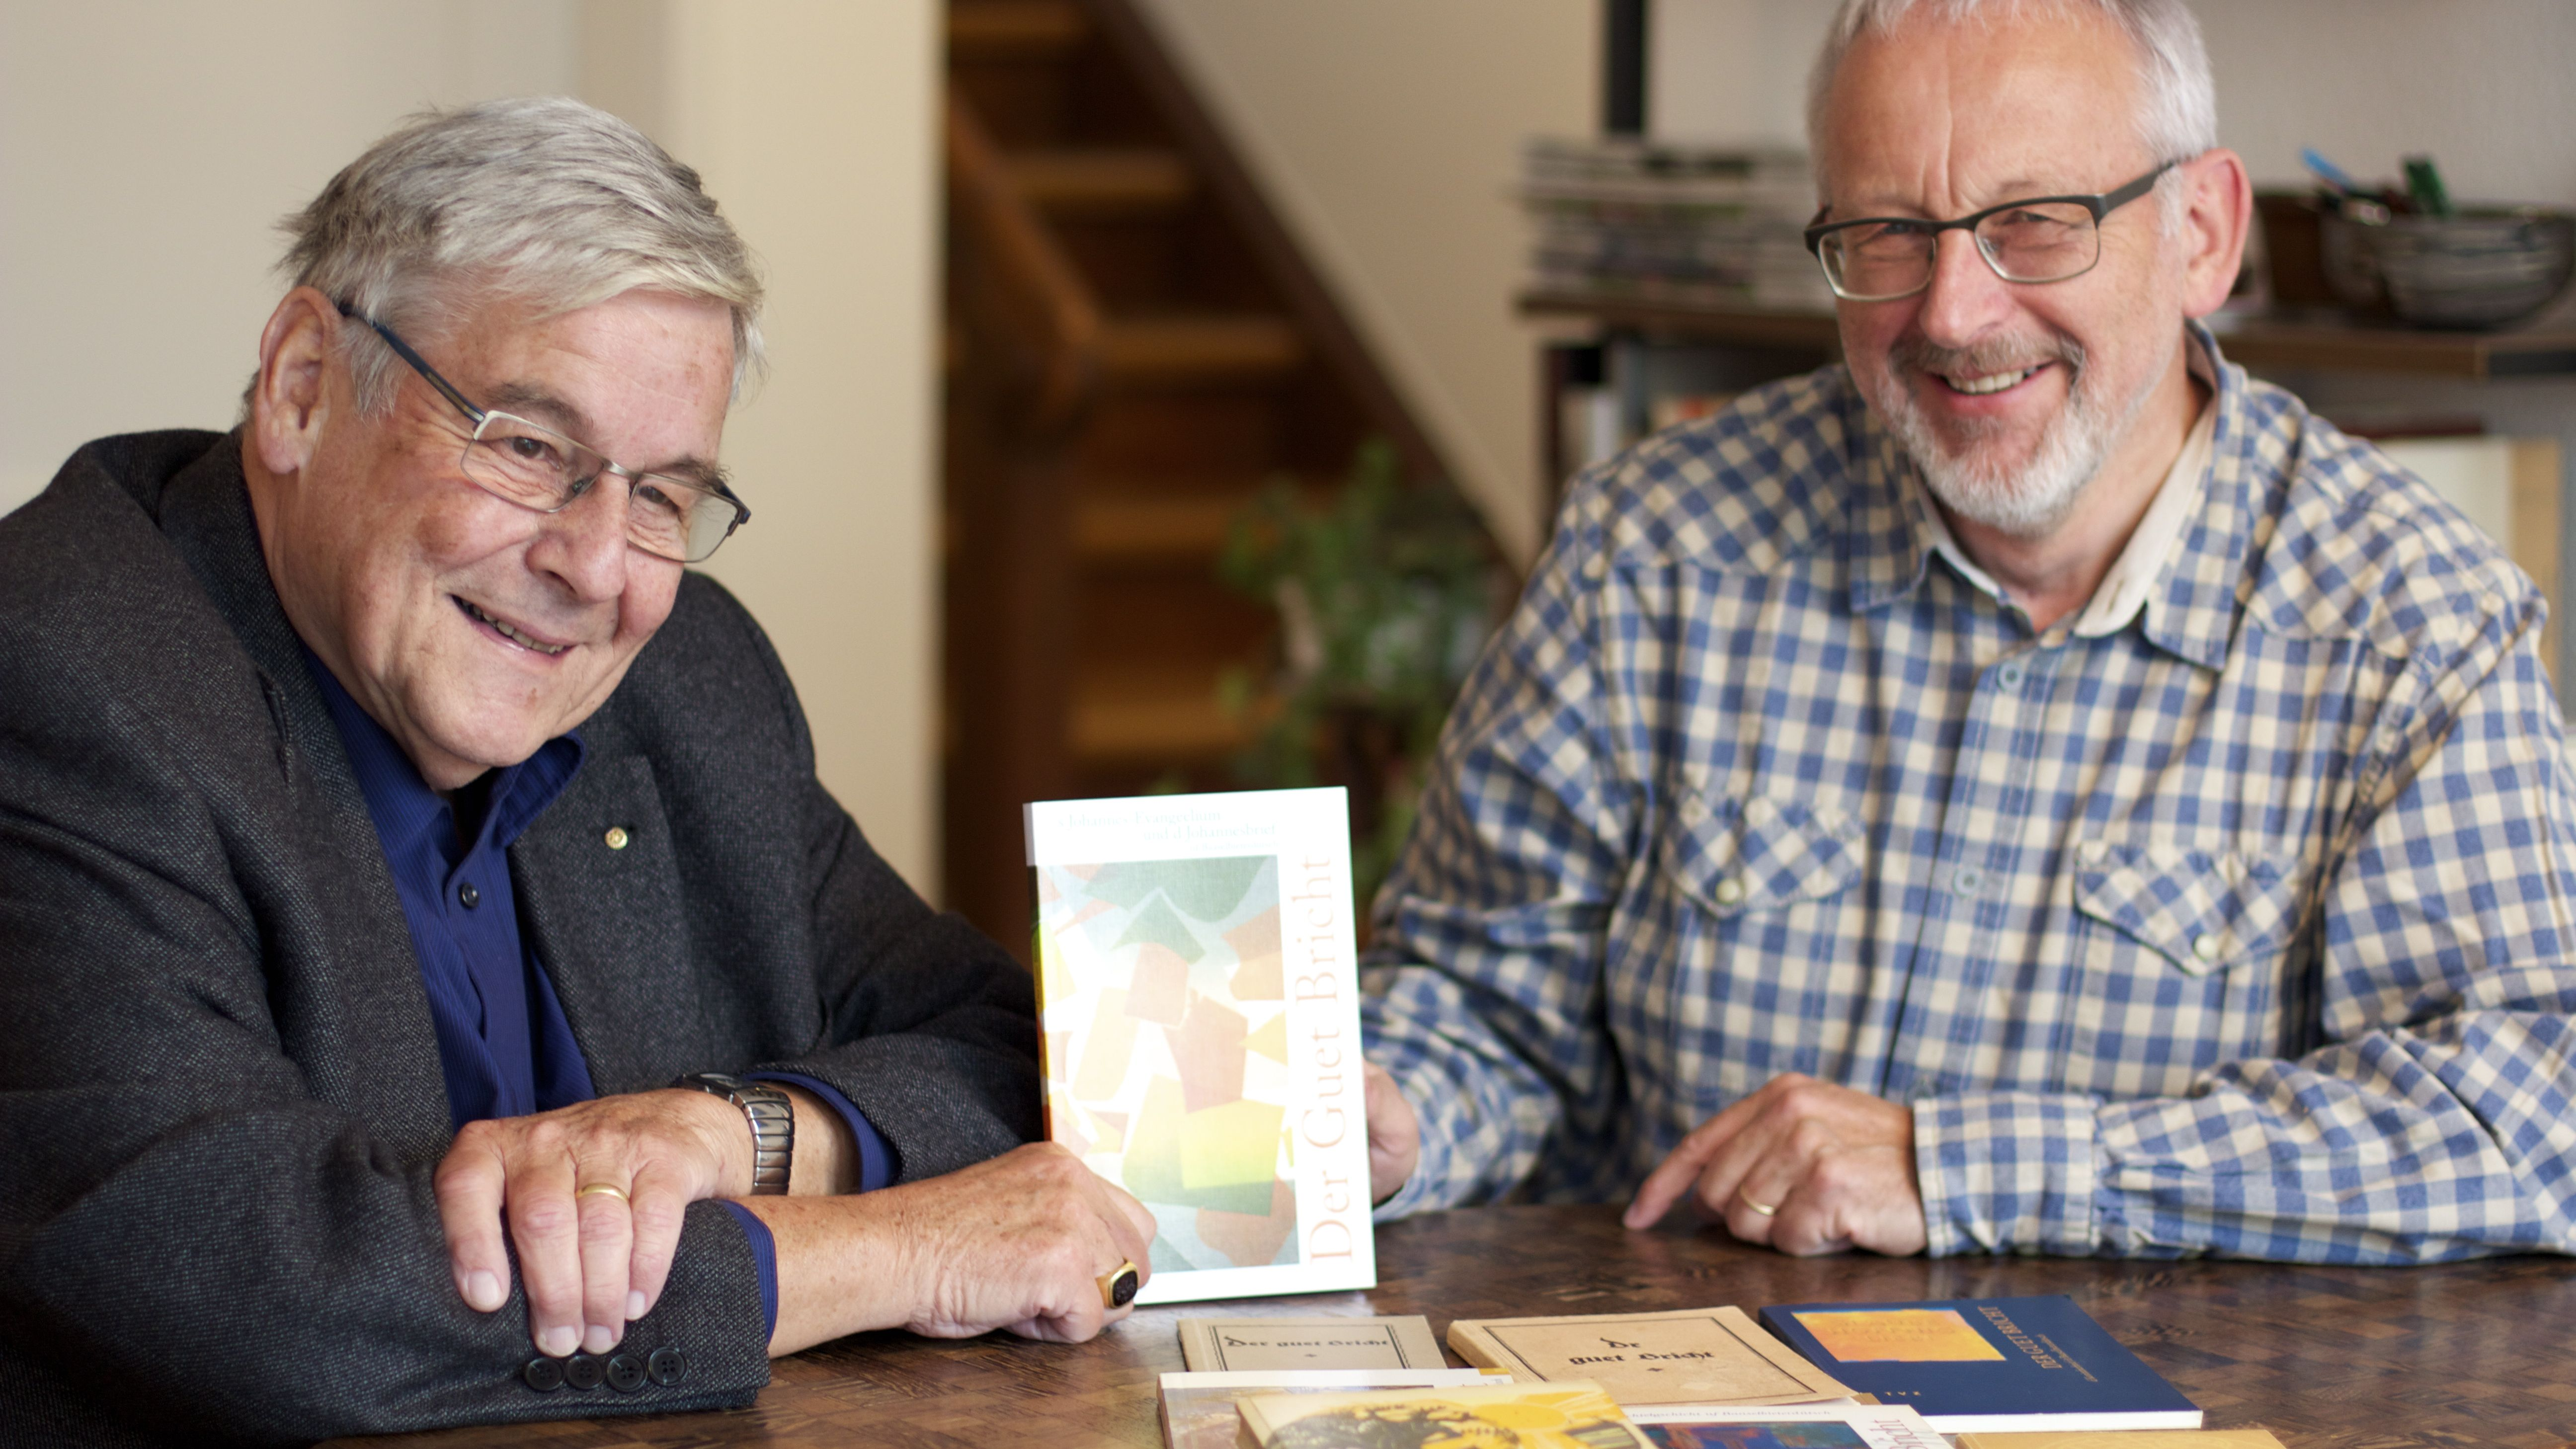 Markus B. Christ (links), Präsident der Bibelgesellschaft Baselland, und Hansueli Müller, Leiter des Übersetzungsteams, mit der druckfrischen Ausgabe des Johannesevangeliums auf Baselbieterdeutsch.